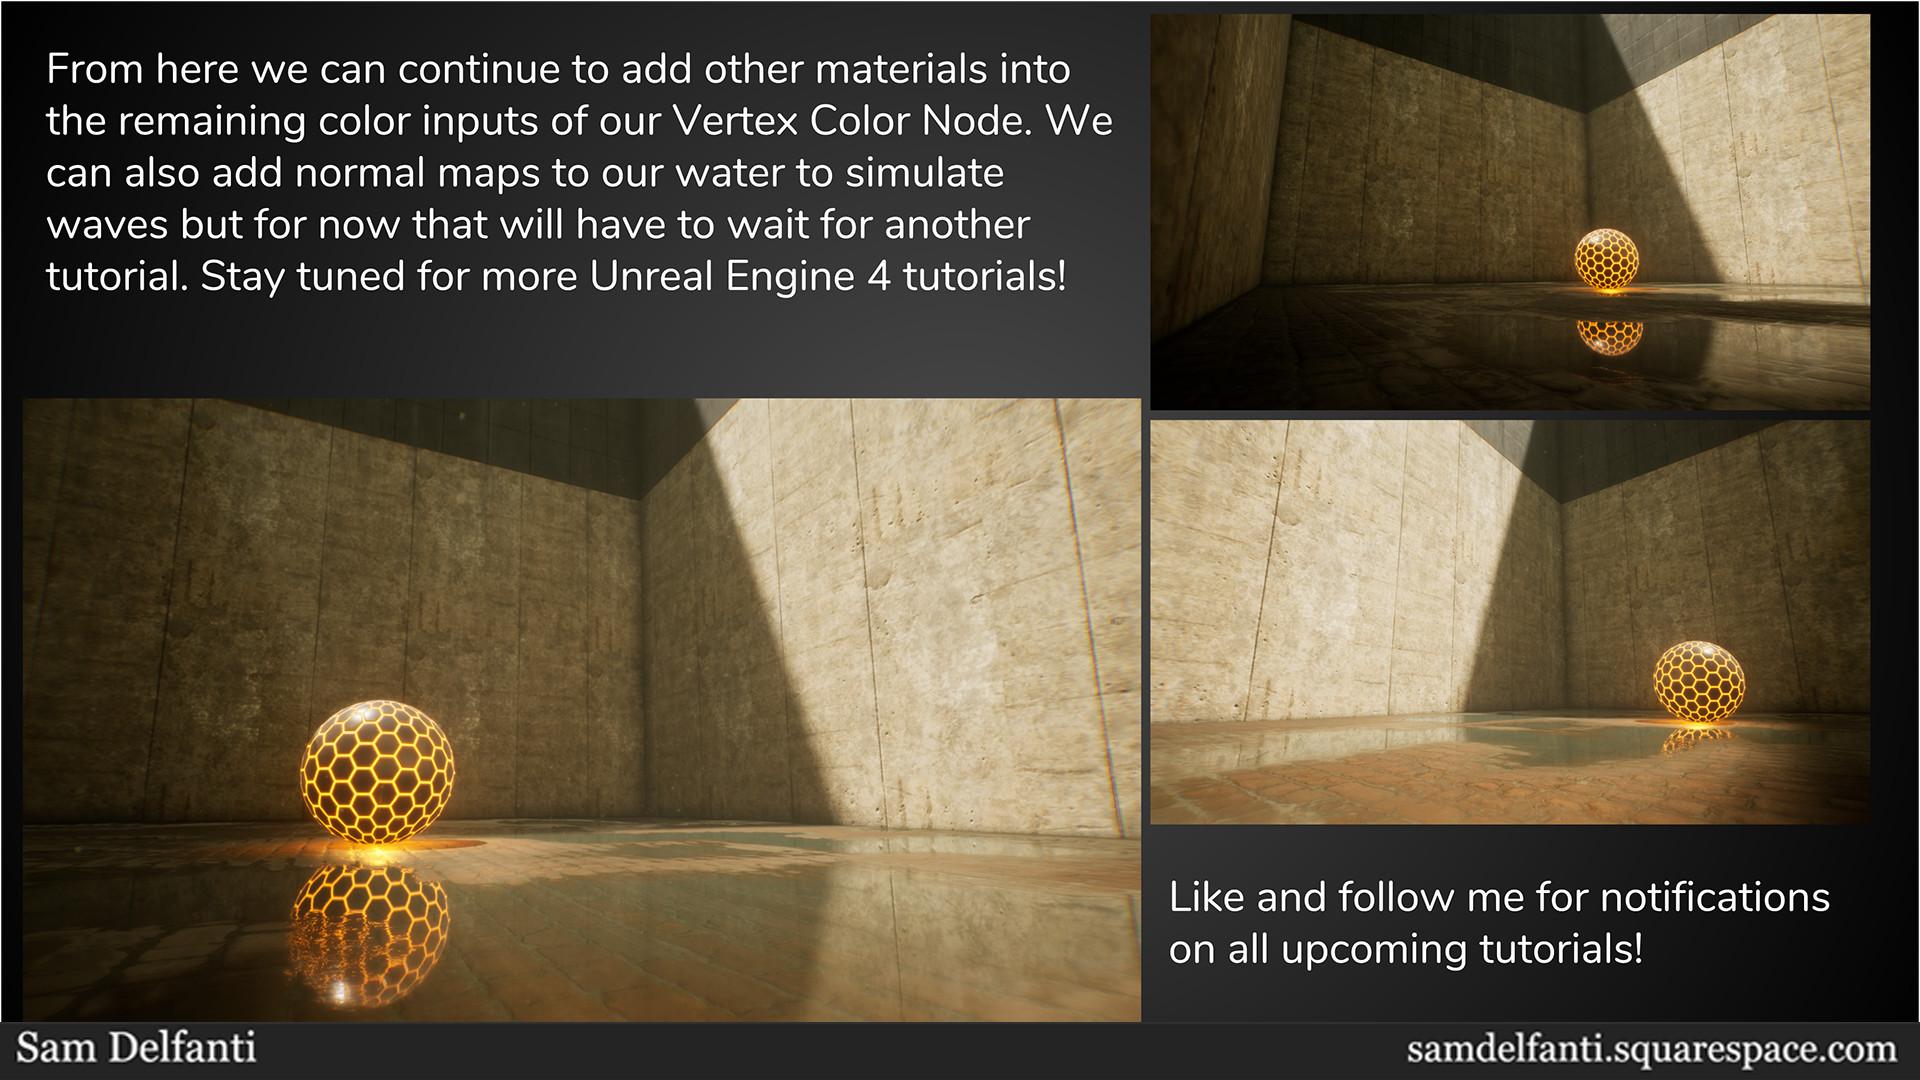 ArtStation - Unreal Engine 4 Tutorial: Vertex Painting